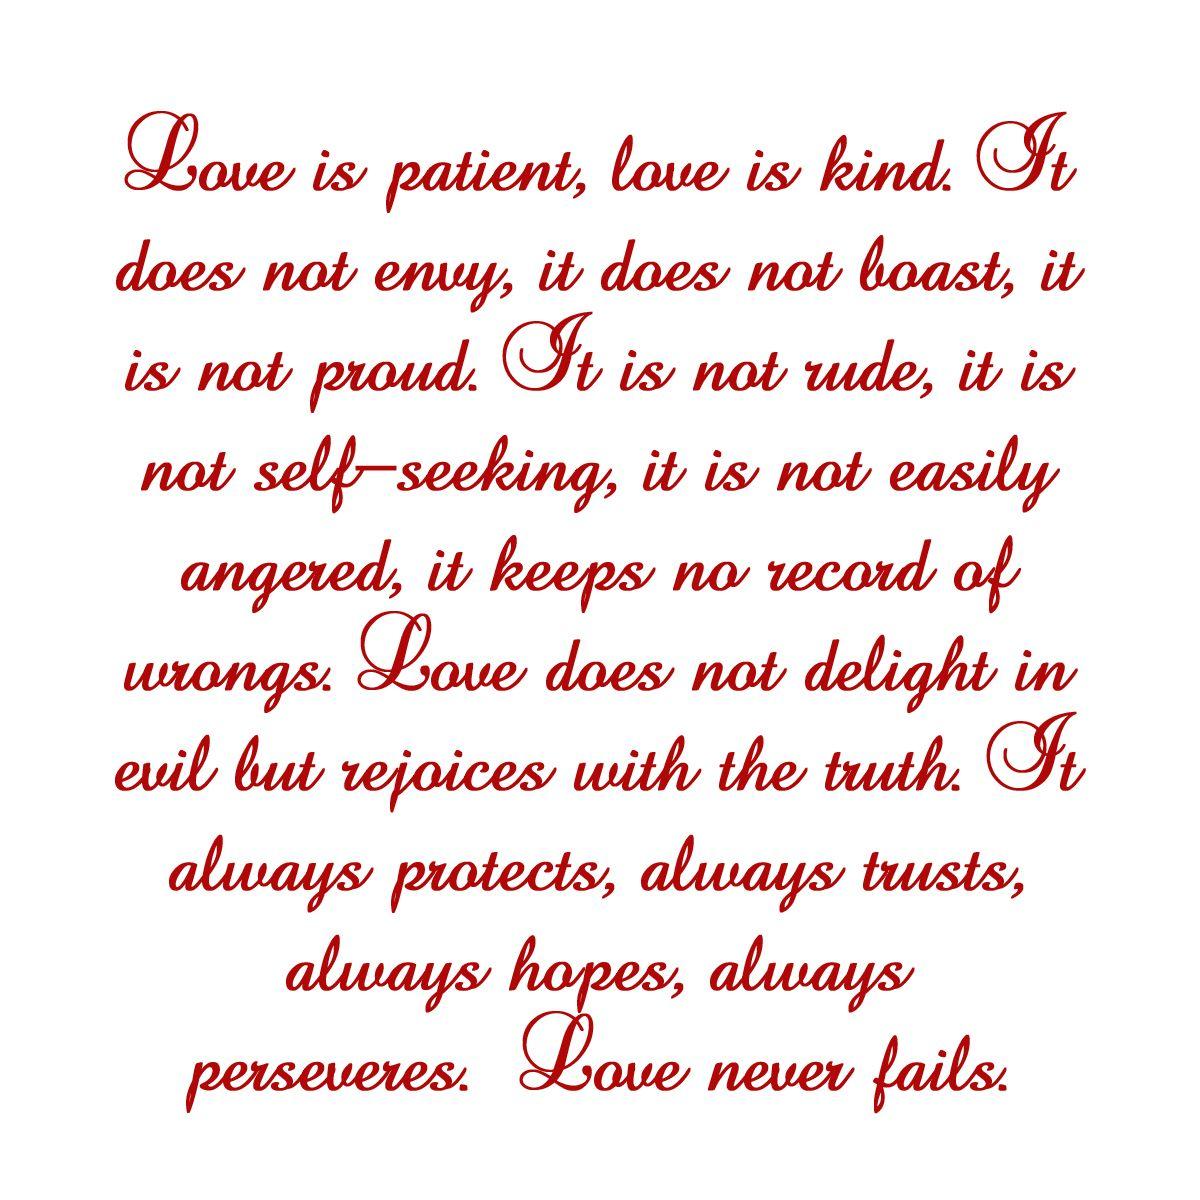 Love Is Patient Love Is Kind Quote 1 Corinthians 134 Love Is Patient Love Is Kind  Inspirational